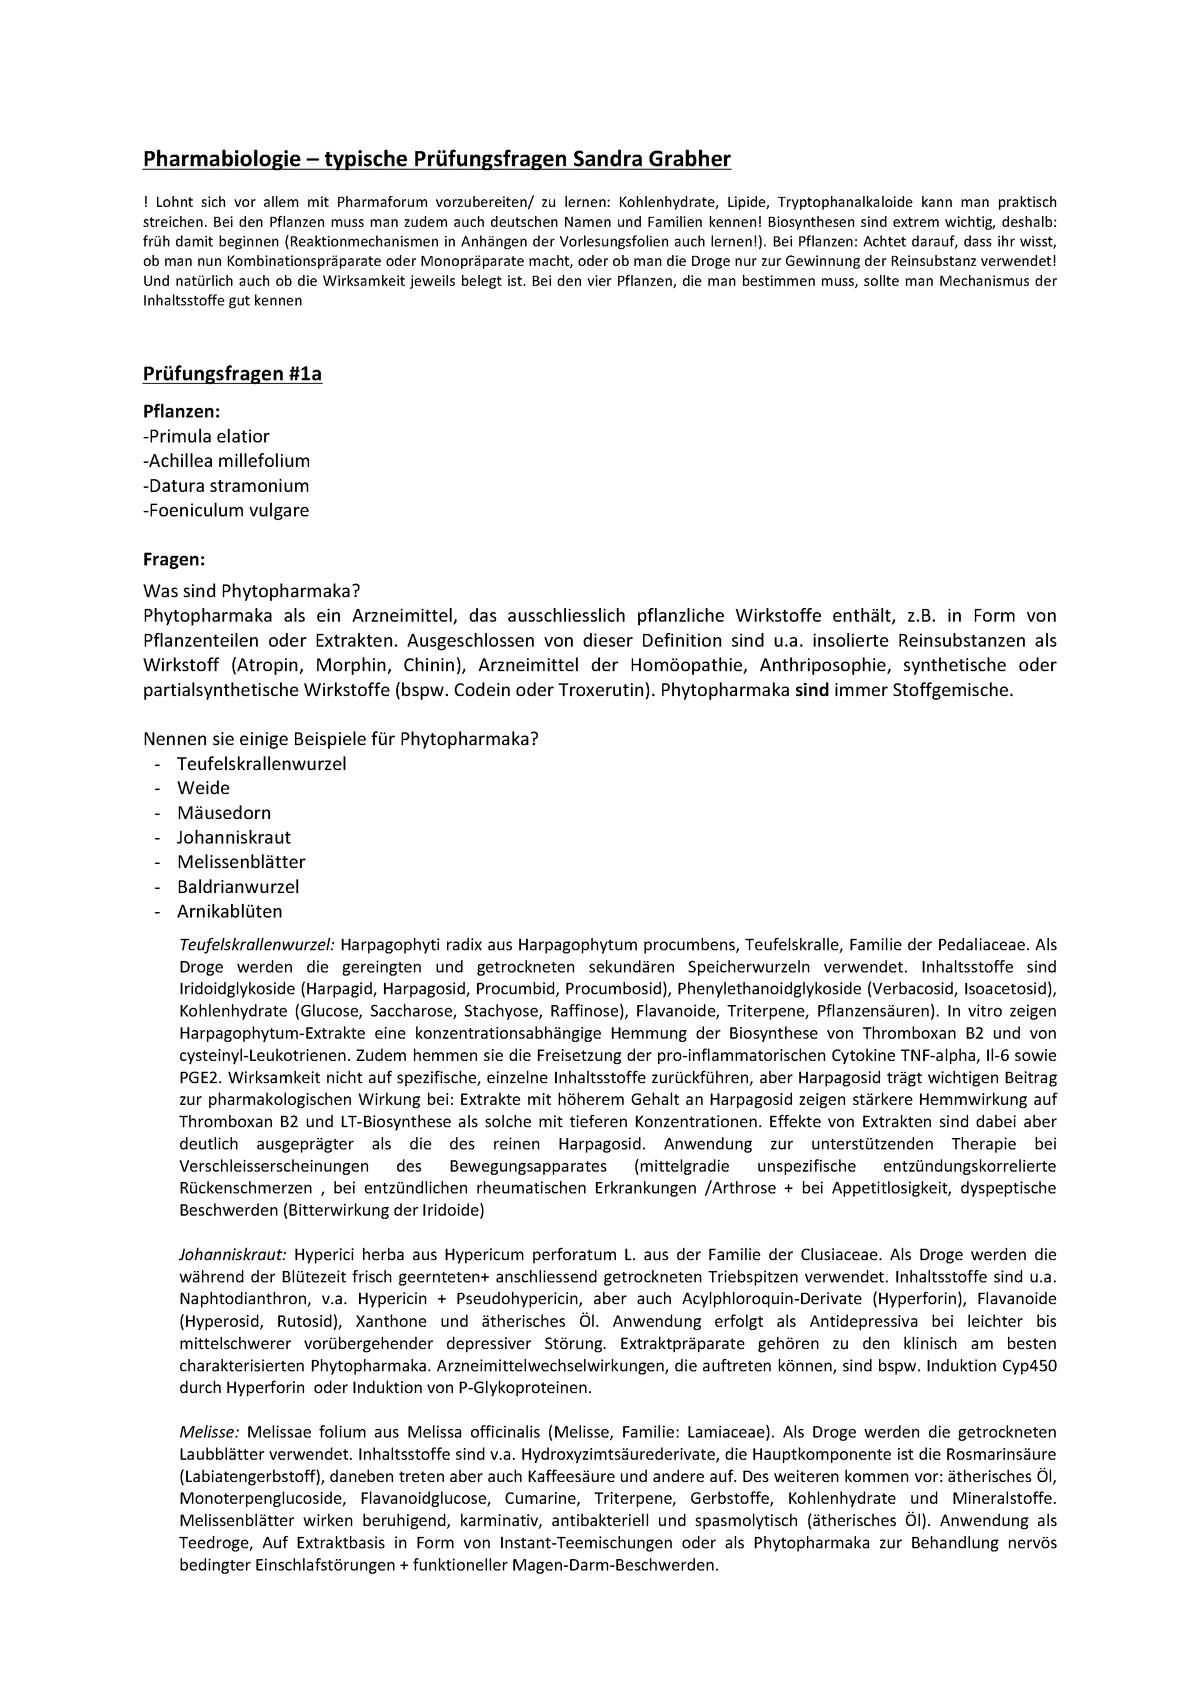 Pflanze Mit G Schön Pharmabio Vorlesungsnotizen 1 11 Pharmaceutical Biology